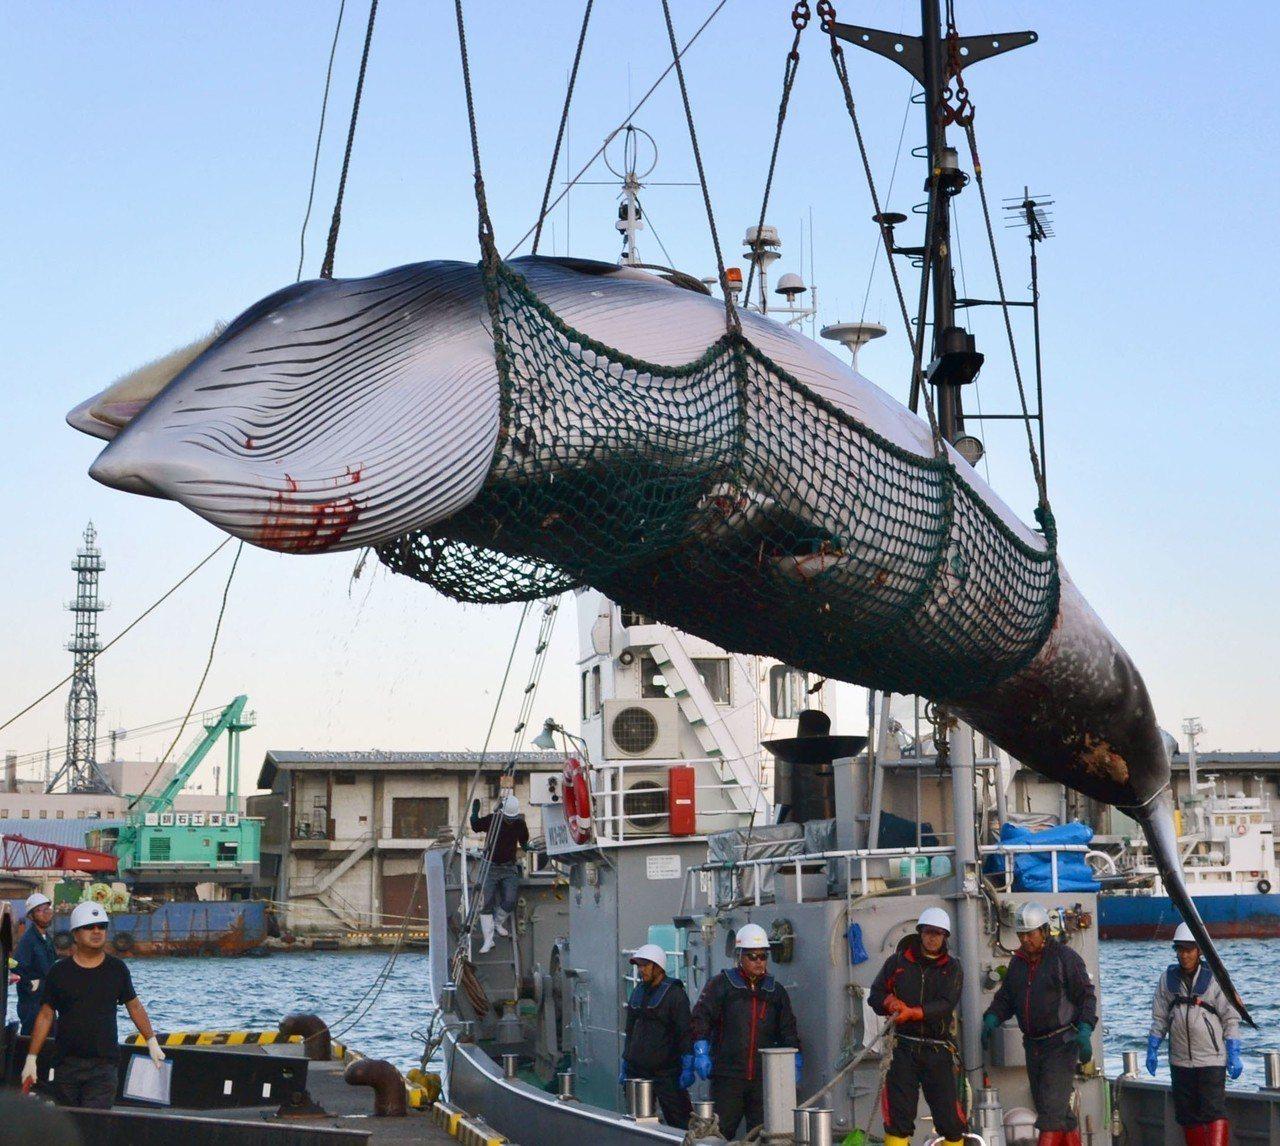 日本政府時隔30年,打算重啟商業捕鯨。 美聯社